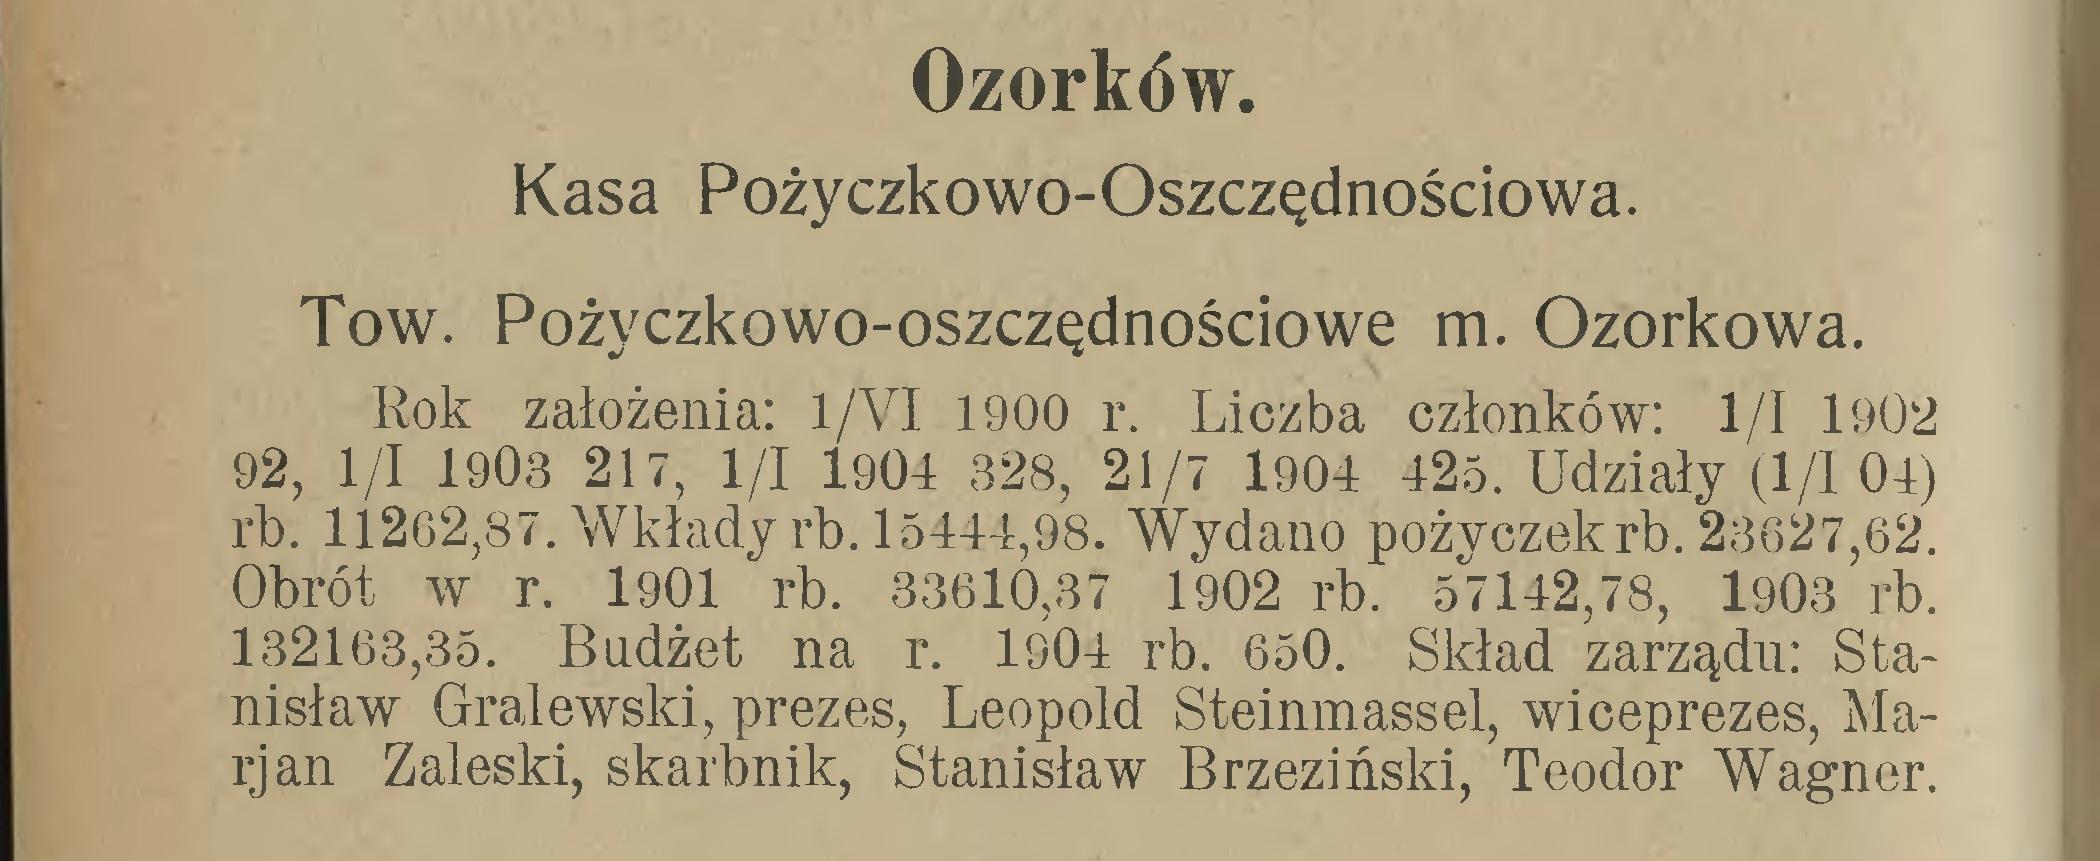 Ojciec Zygmunta – Leopold, wymieniony w zarządzie Kasy Pożyczkowo-Oszczędnościowej w Ozorkowie